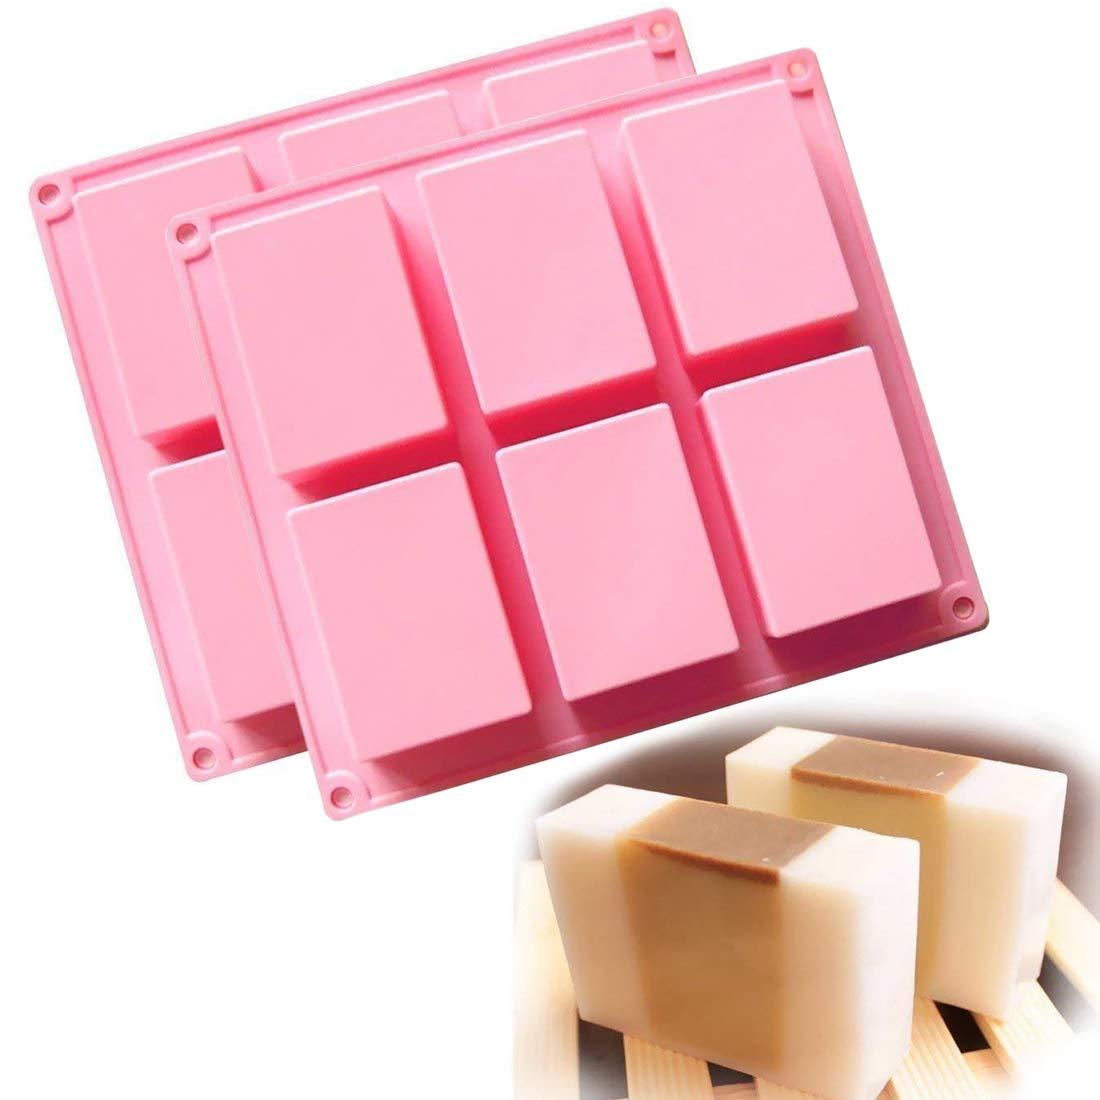 (2 unidades) 6 de la cavidad rectangular de silicona molde para Casera Artesanía jabón molde, molde de tarta, para galletas Chocolate molde cubito de hielo, ...